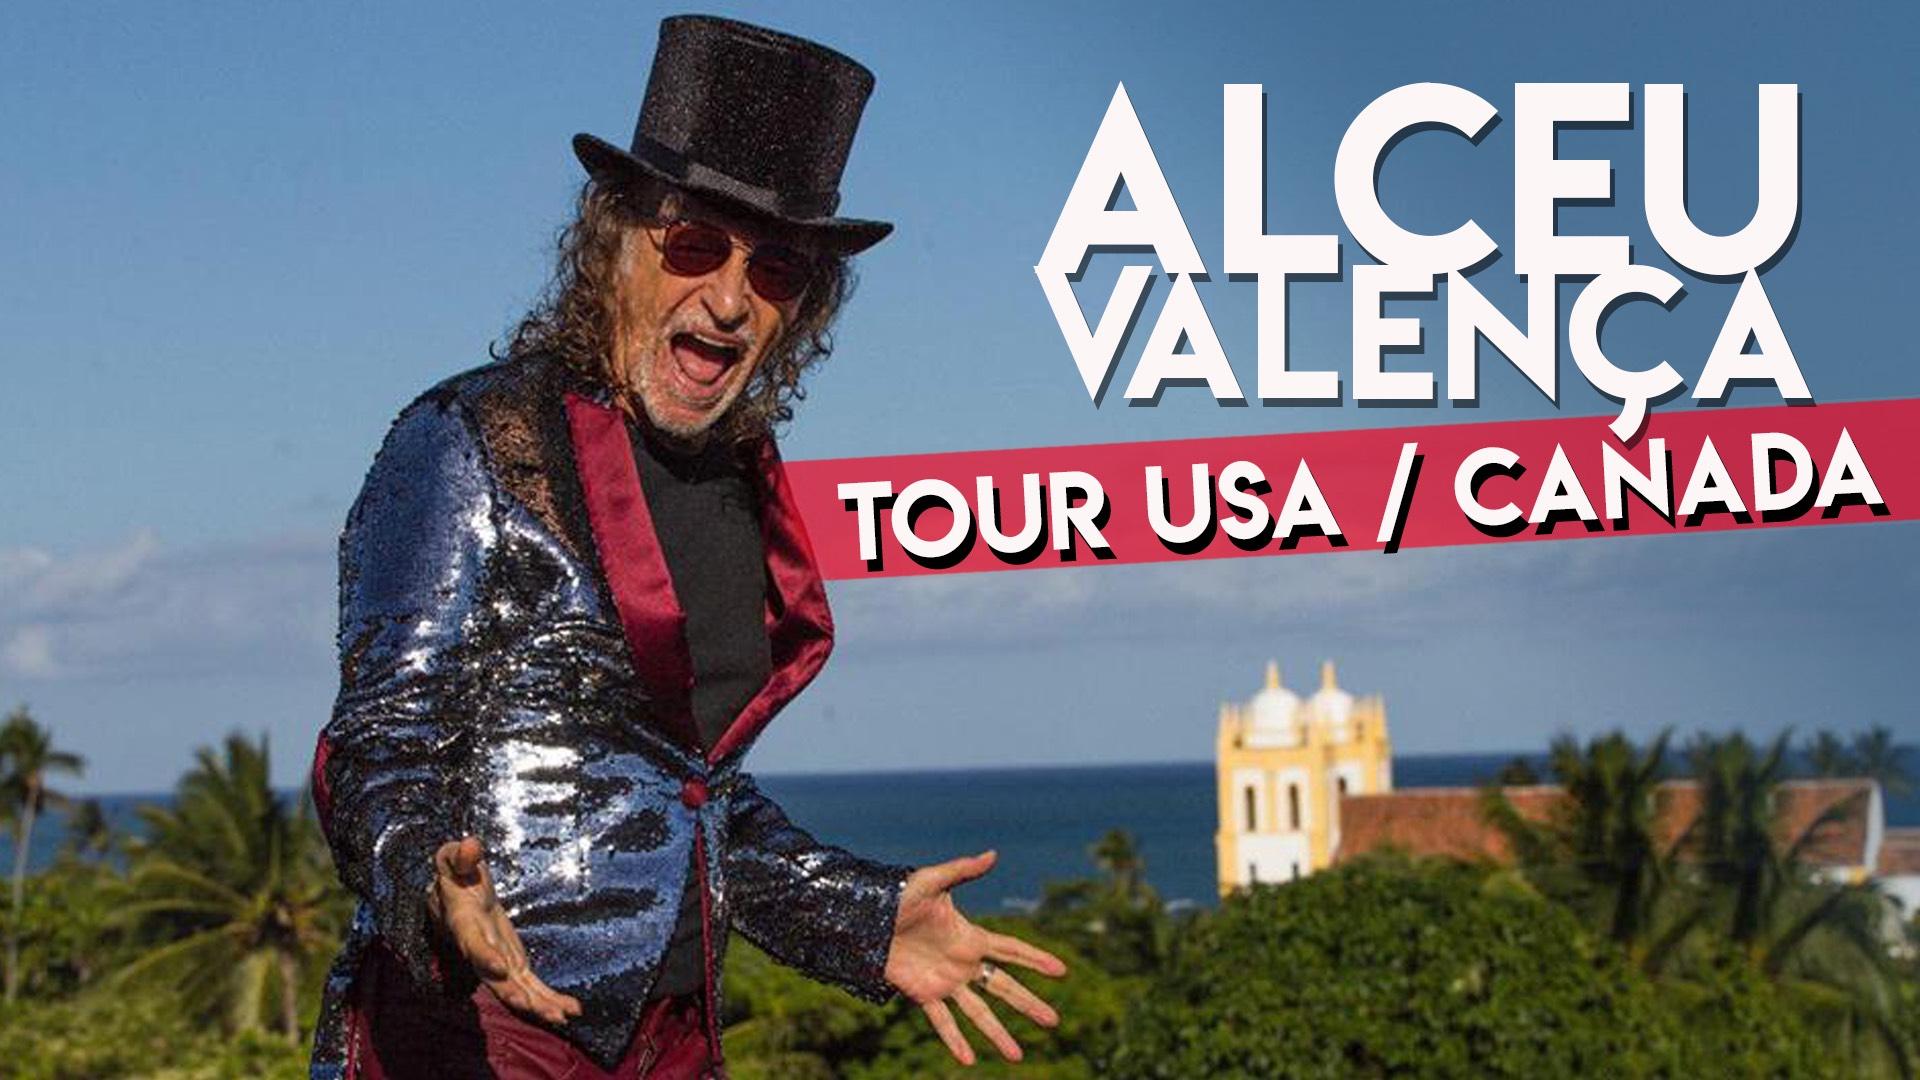 JUST ANNOUNCED: Alceu Valença U.S. and Canada Tour